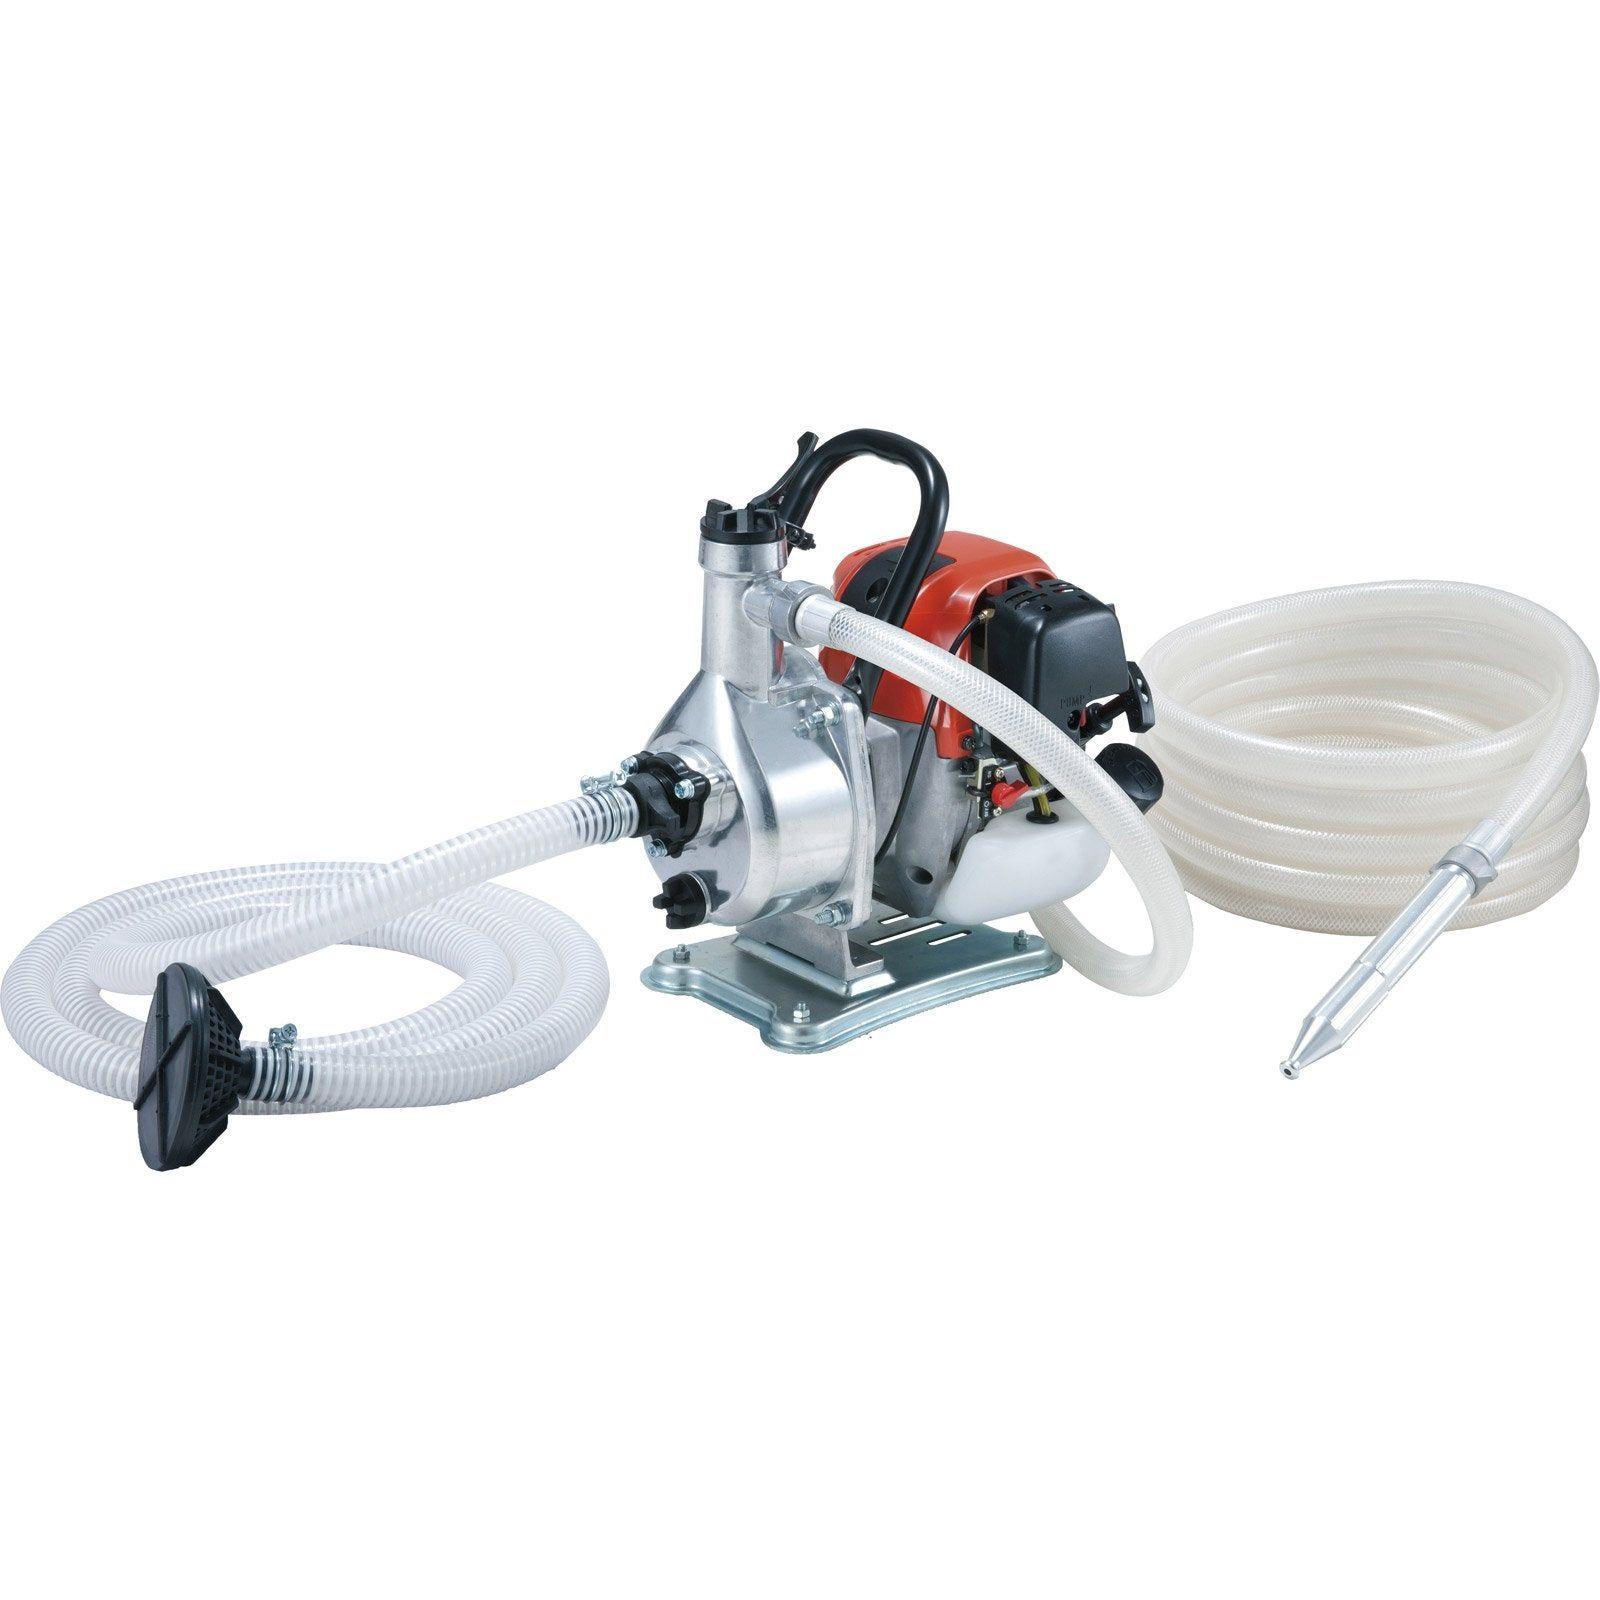 Motopompe Thermique 4 Temps Makita Mp335 4z 33 5cc 780 L H Produits Reservoir Produit